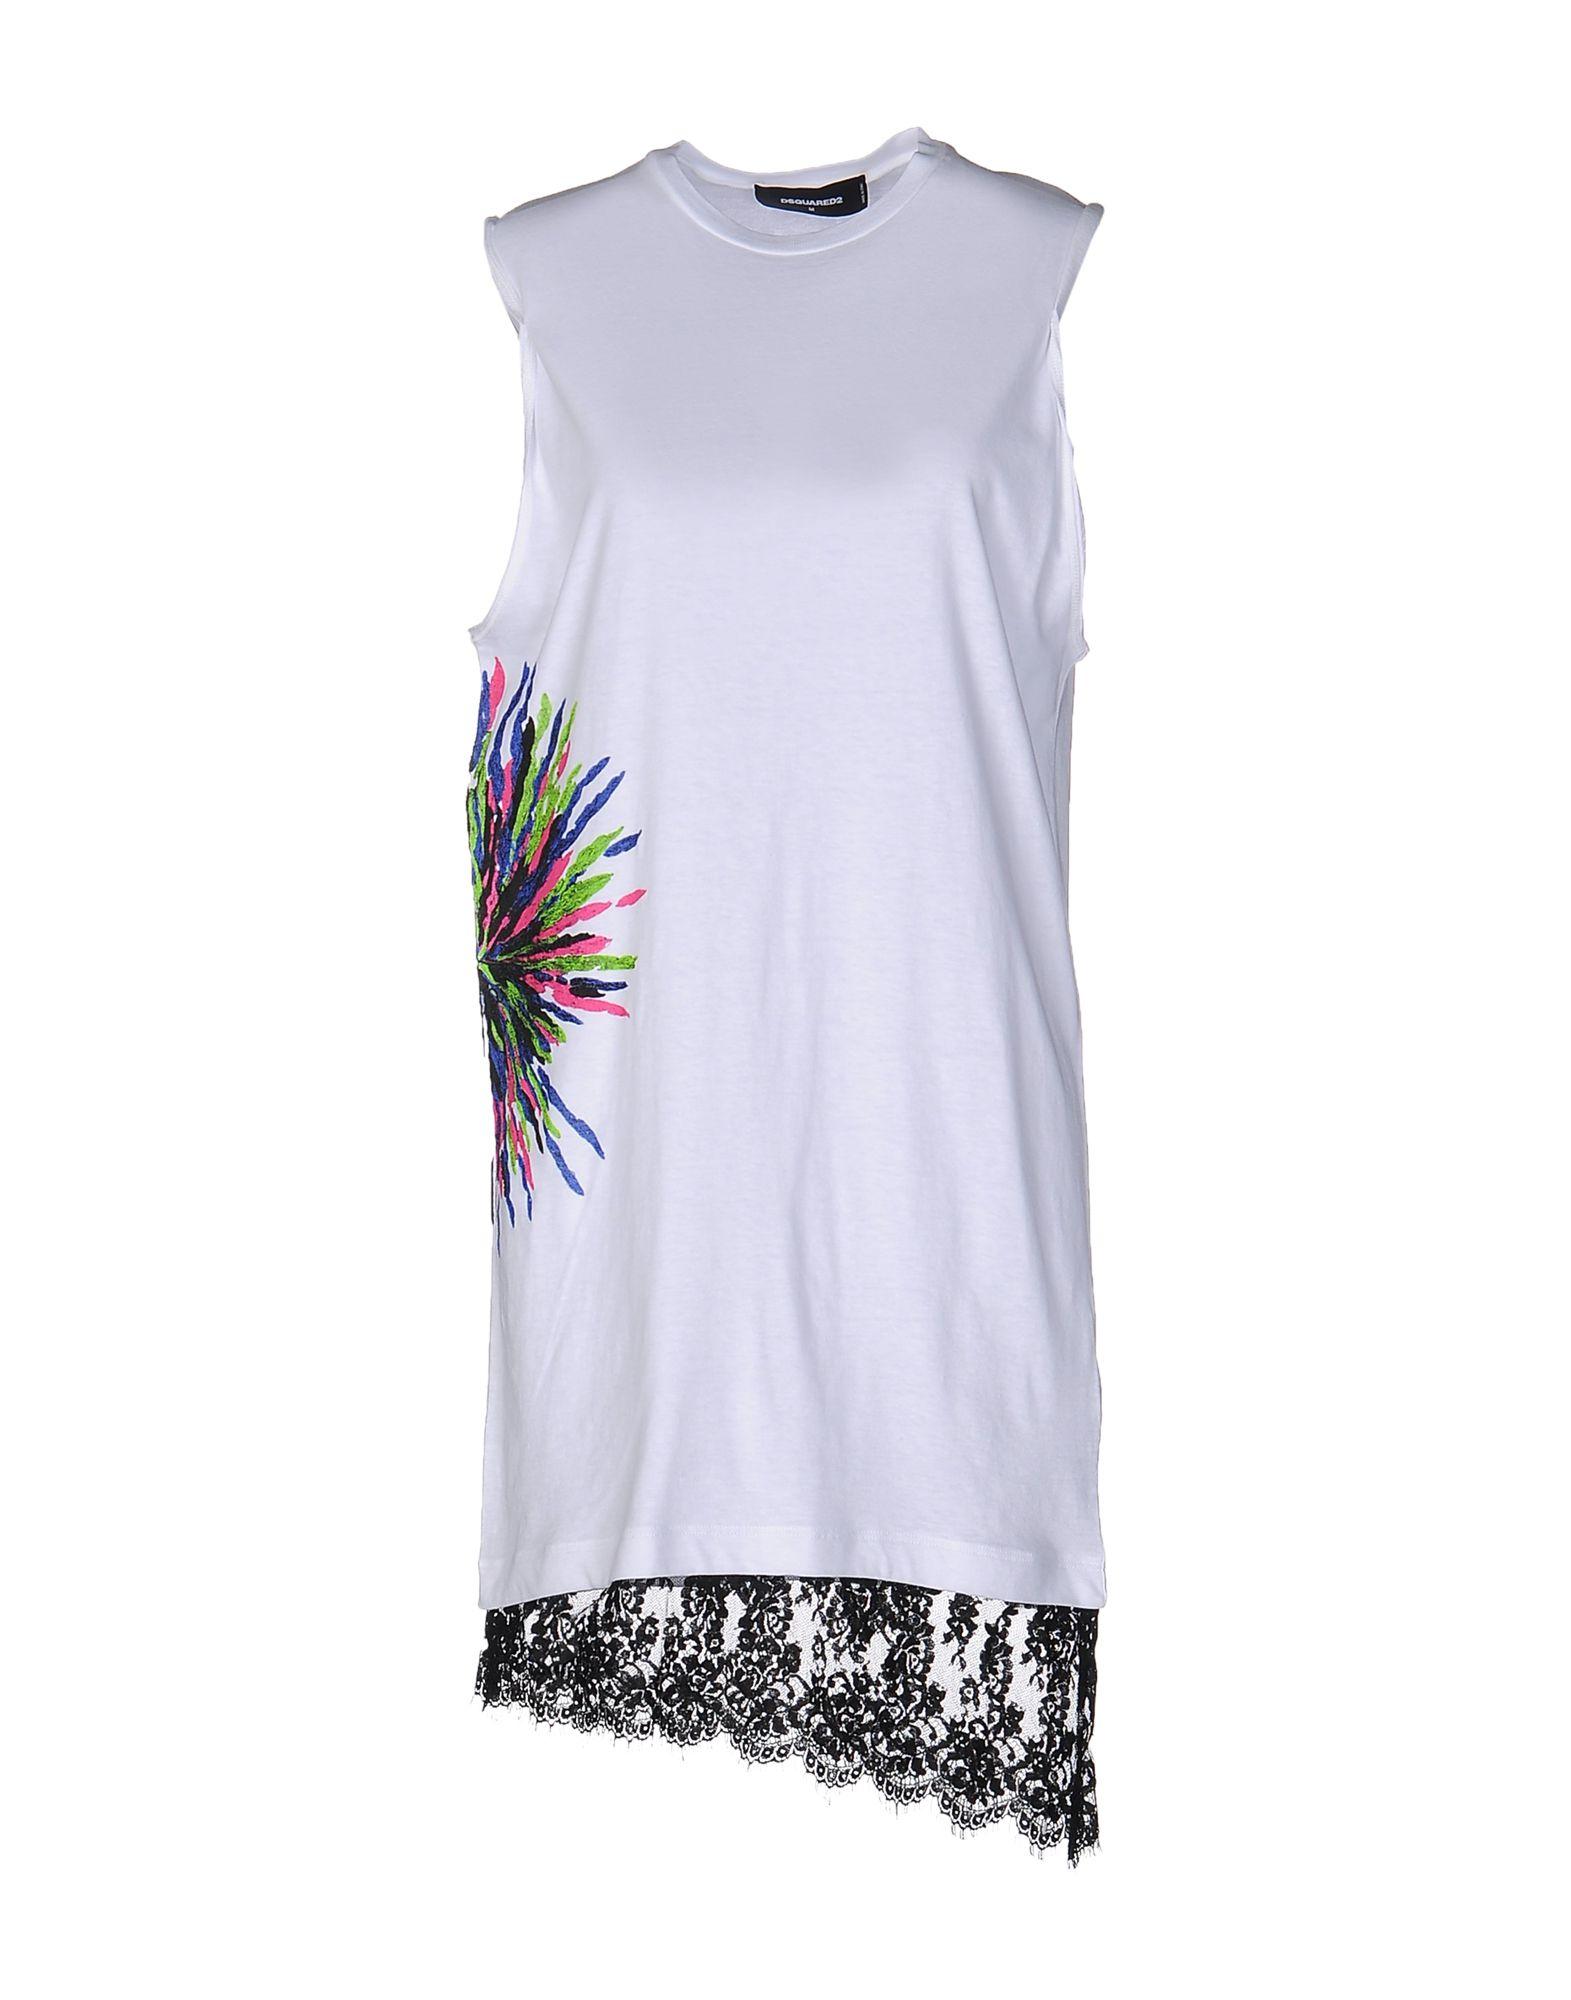 DSQUARED2 Короткое платье платье без рукавов с кружевной вставкой на спинке